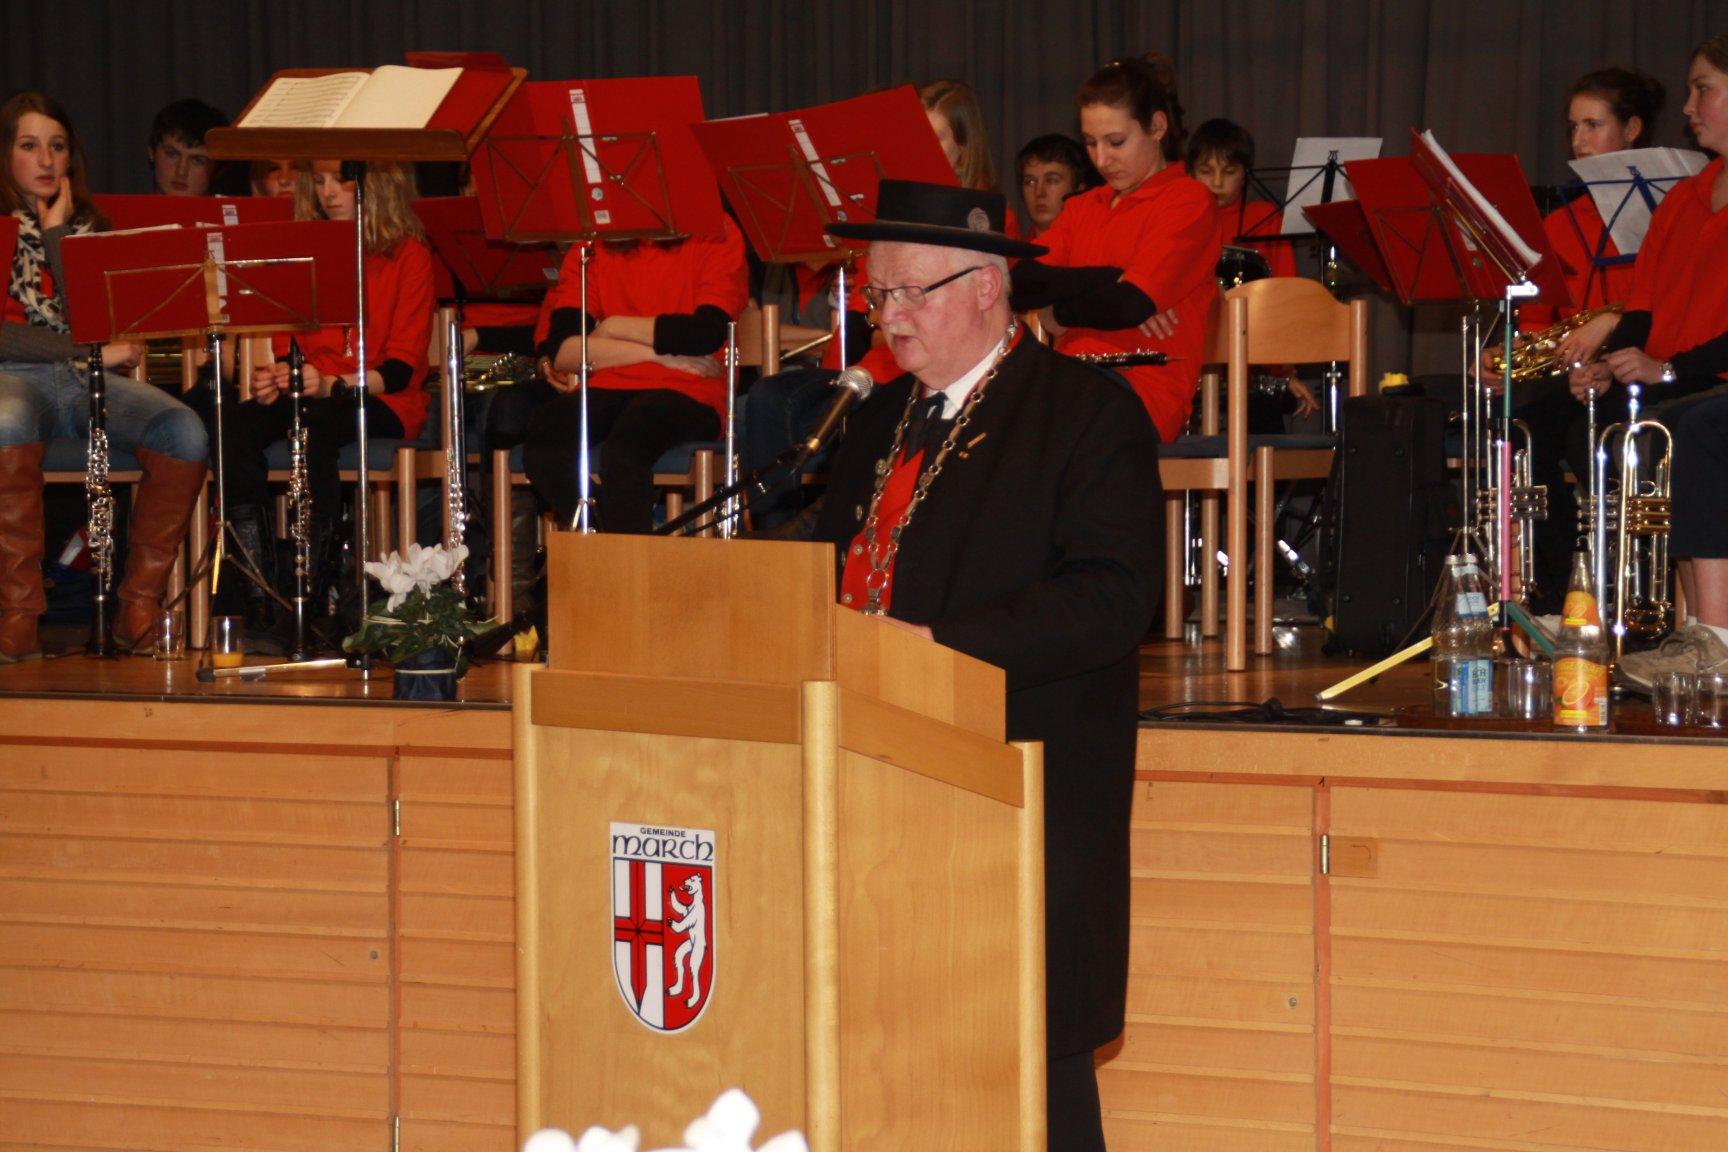 Begrüßungsrede von Bürgermeister Hügele